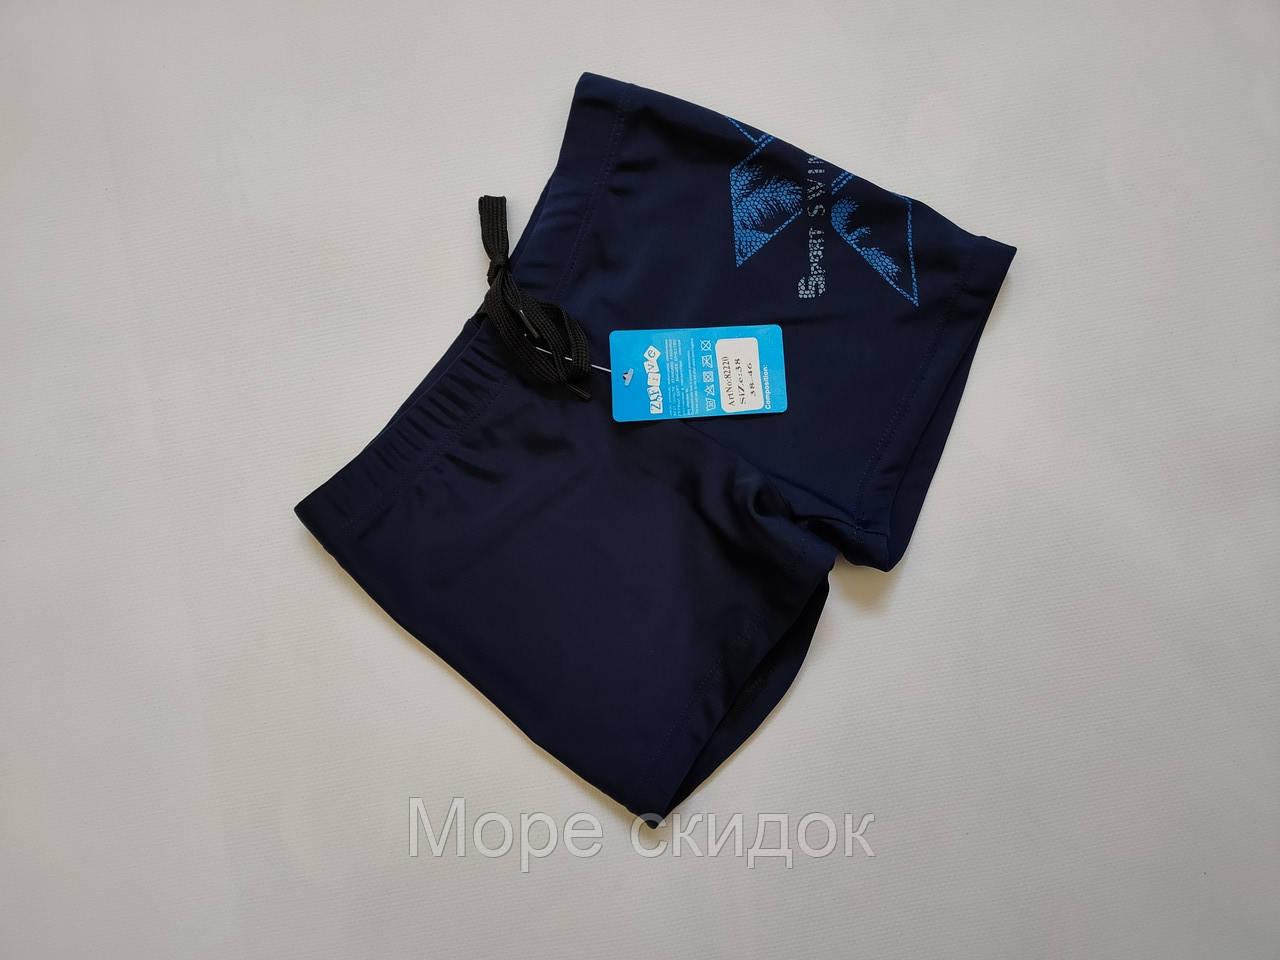 Шорты-плавки подростковые Z.FIVE Витя  82220 синий (в наличии  38 40 42 44 46 размеры)